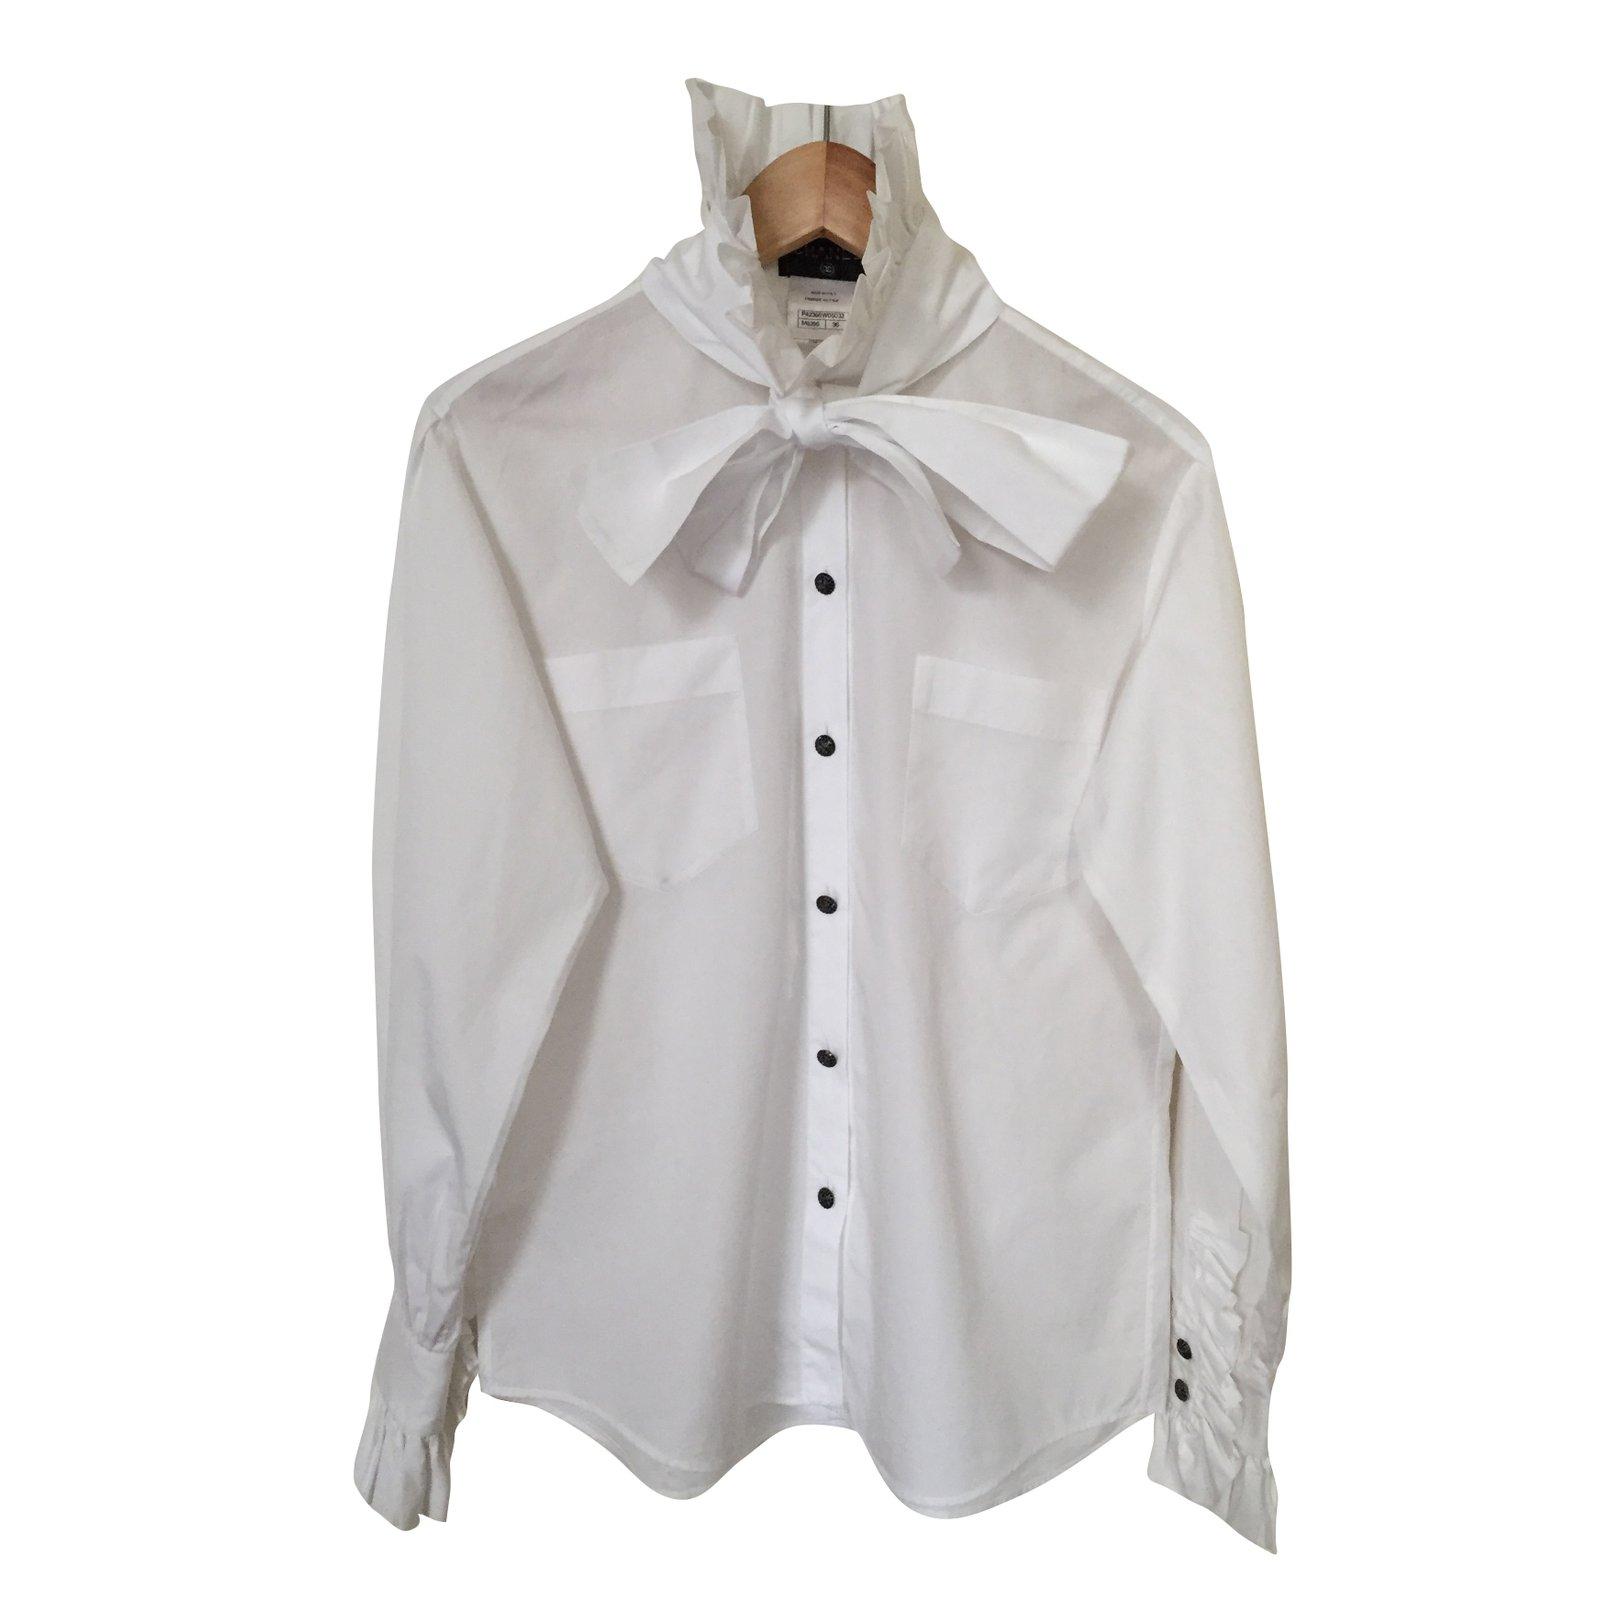 3dd143c031a5 Coco Chanel T Shirt Buy